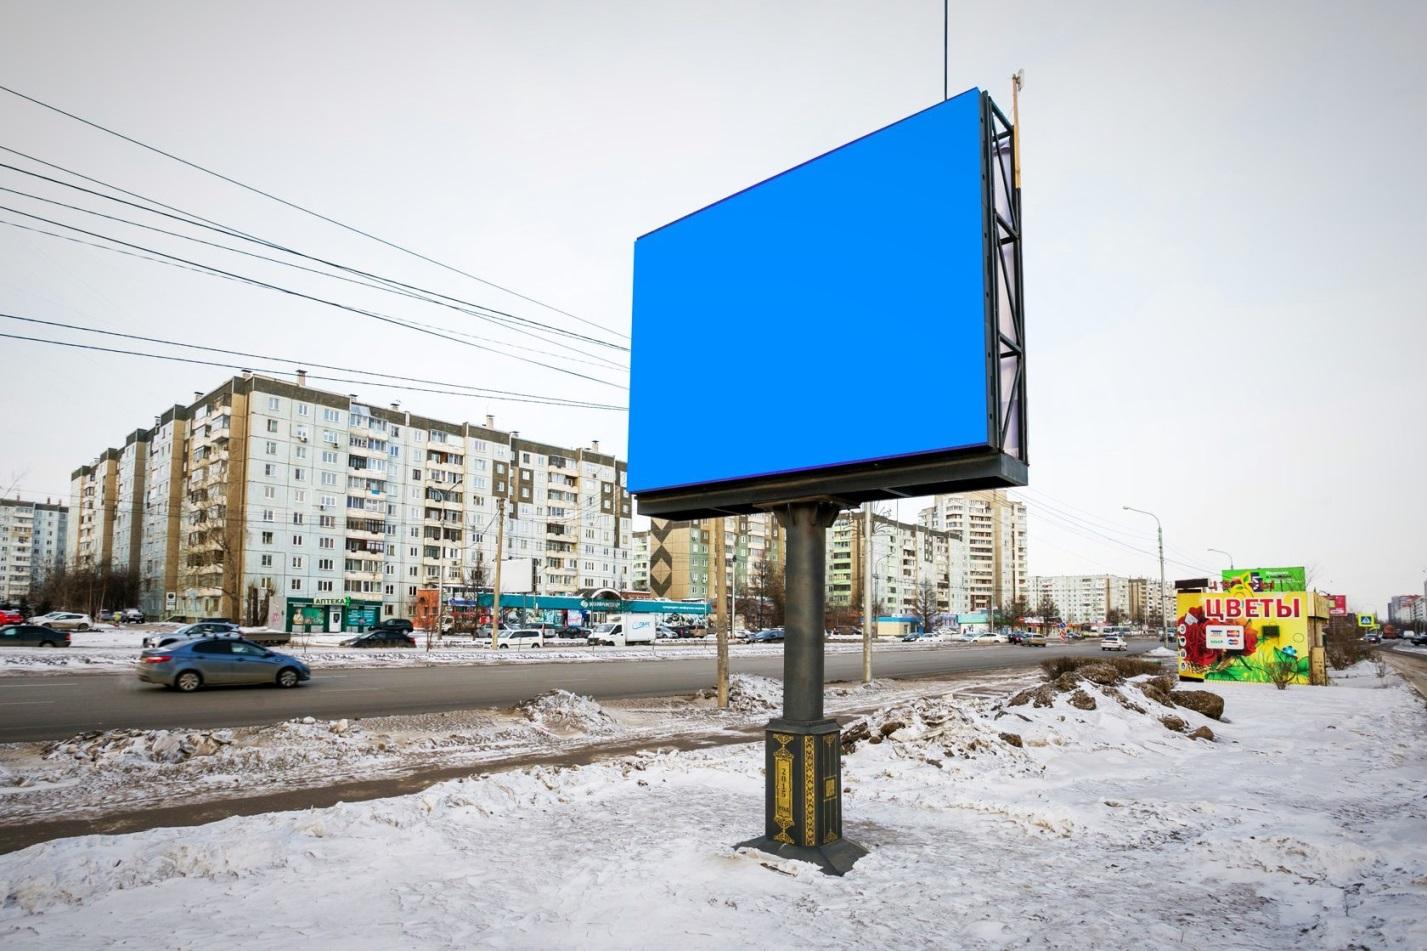 Фото 1. Рекламный щит